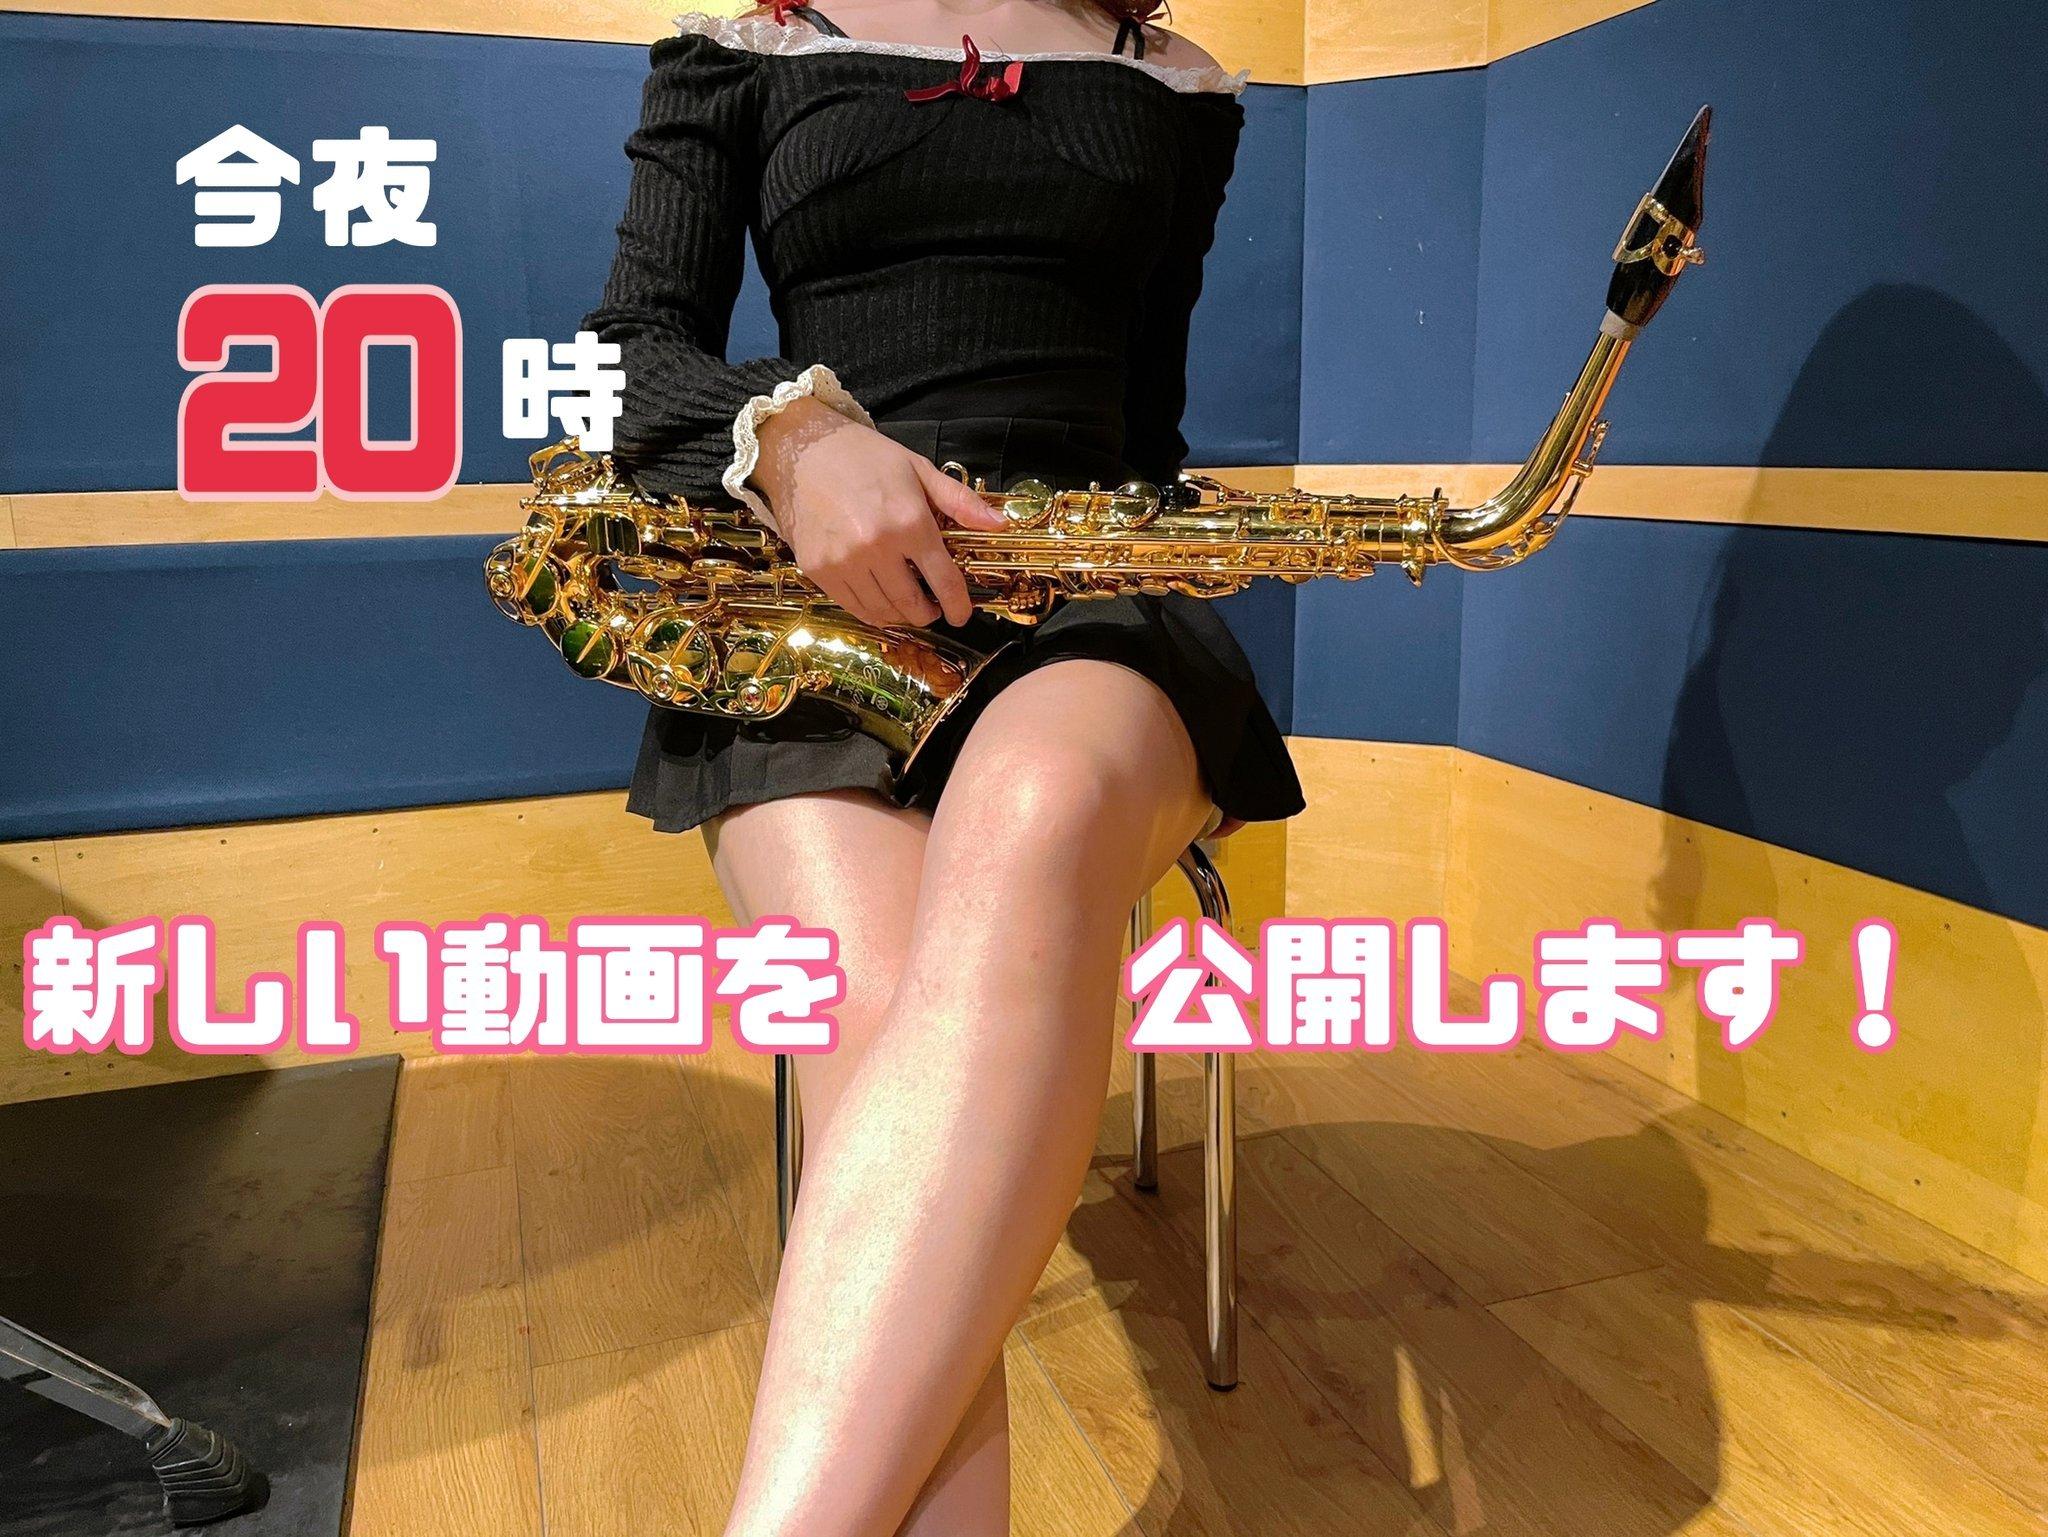 会吹萨克斯風的日本女孩:Ririka/Sax插图3